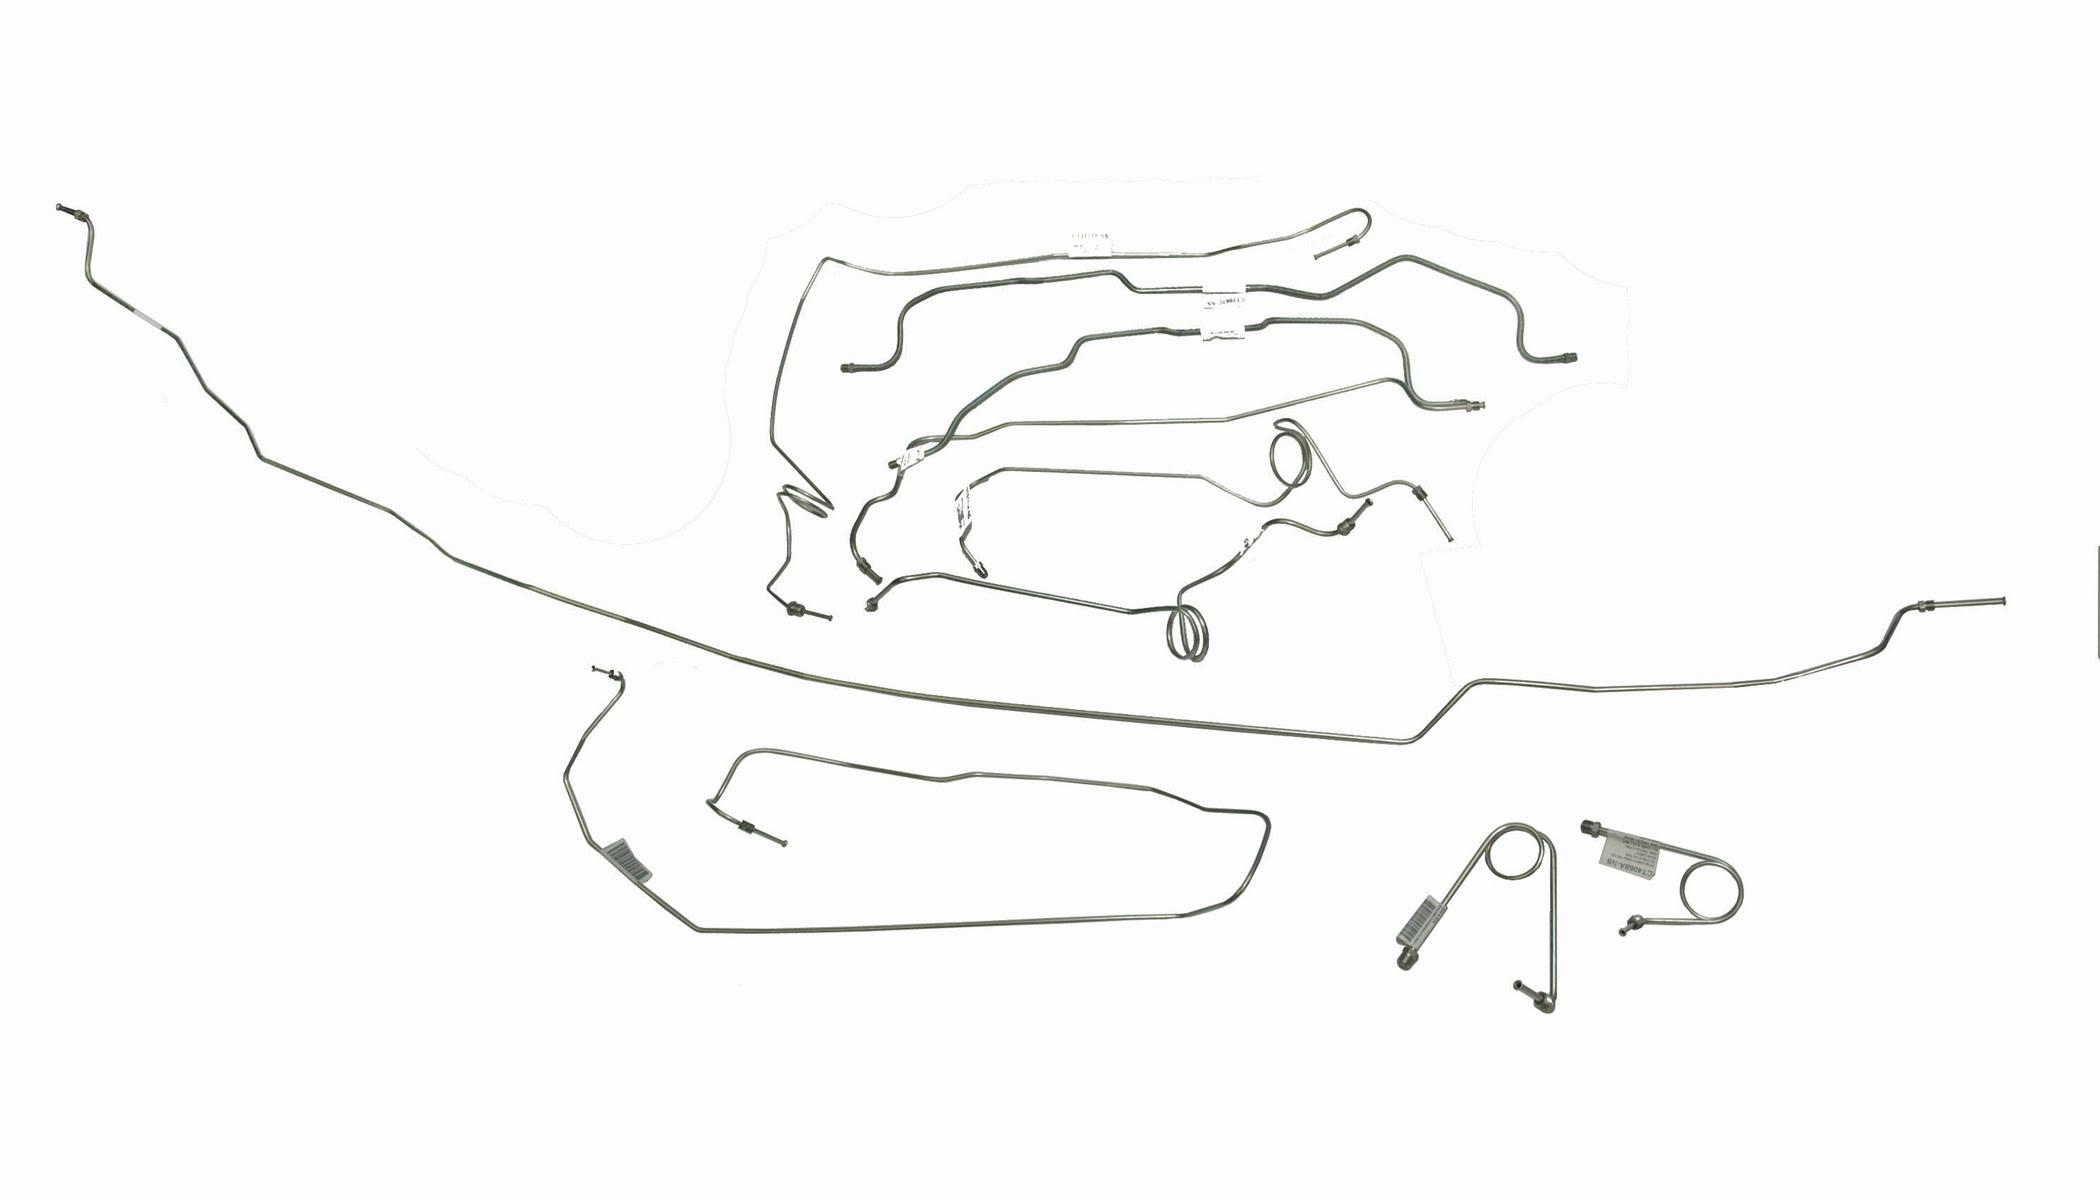 Hummer H2 Brake Line Diagram